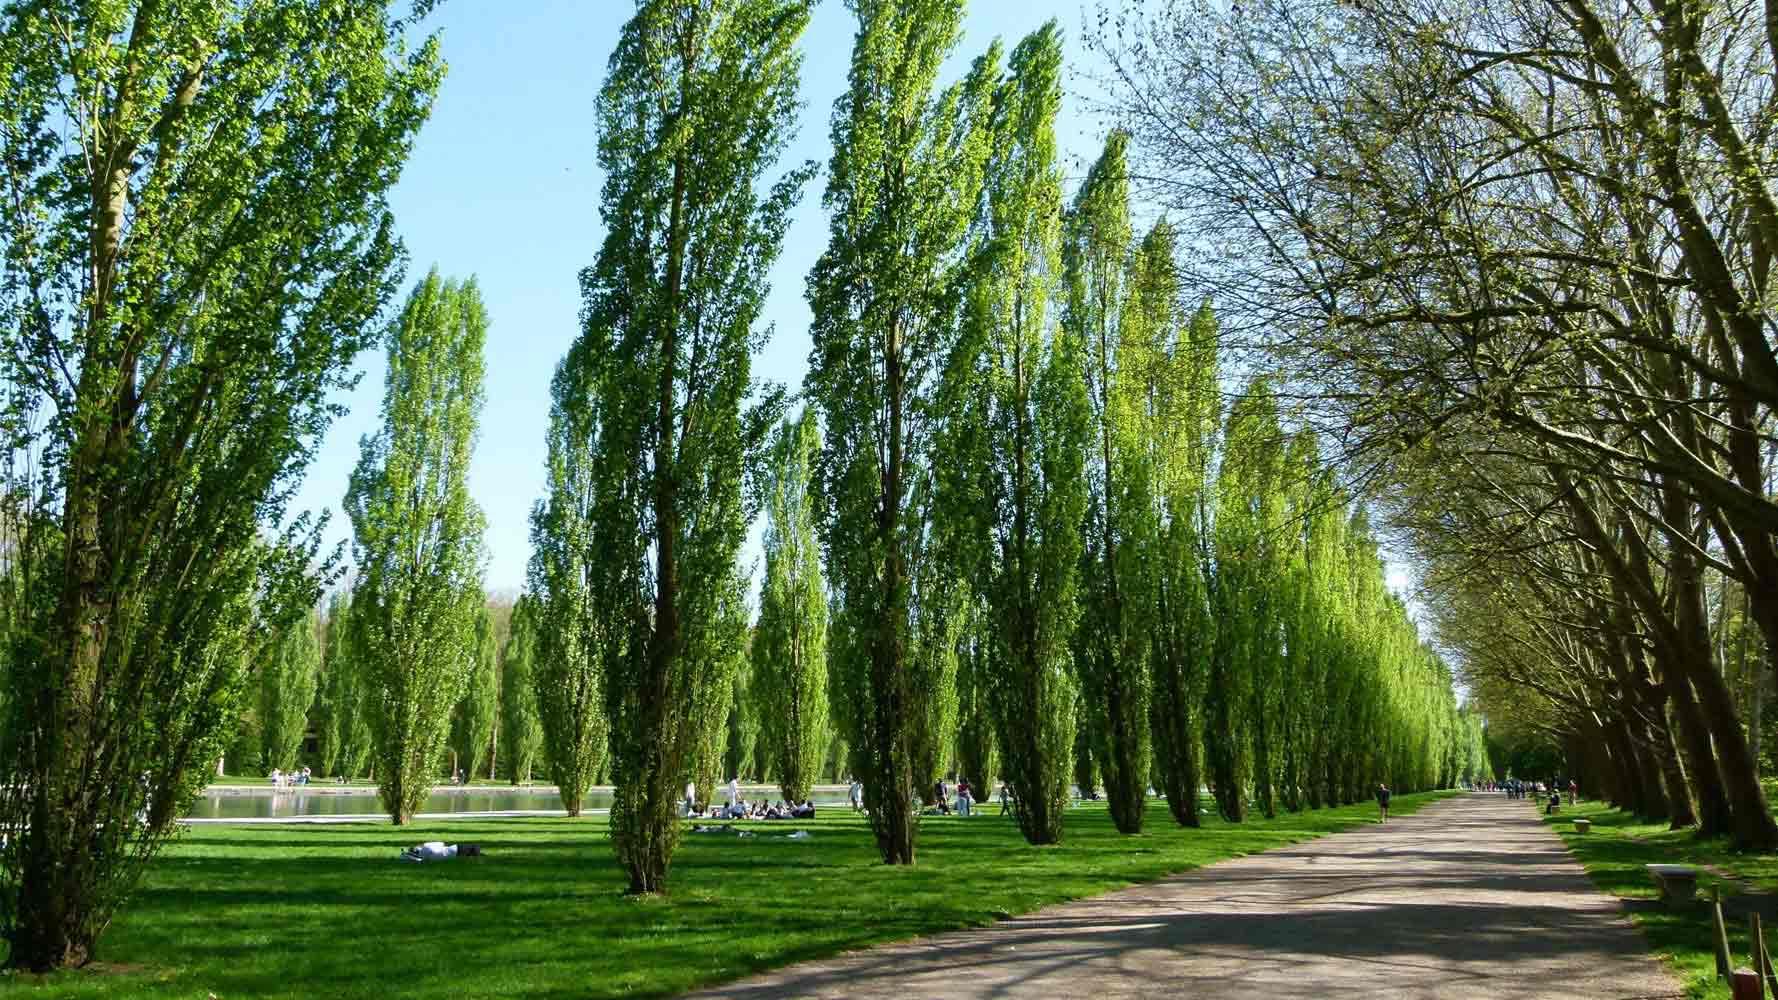 Kavak ağacı fiyatları,Kavak ağacı piyasası, Kavak ağacı resmi